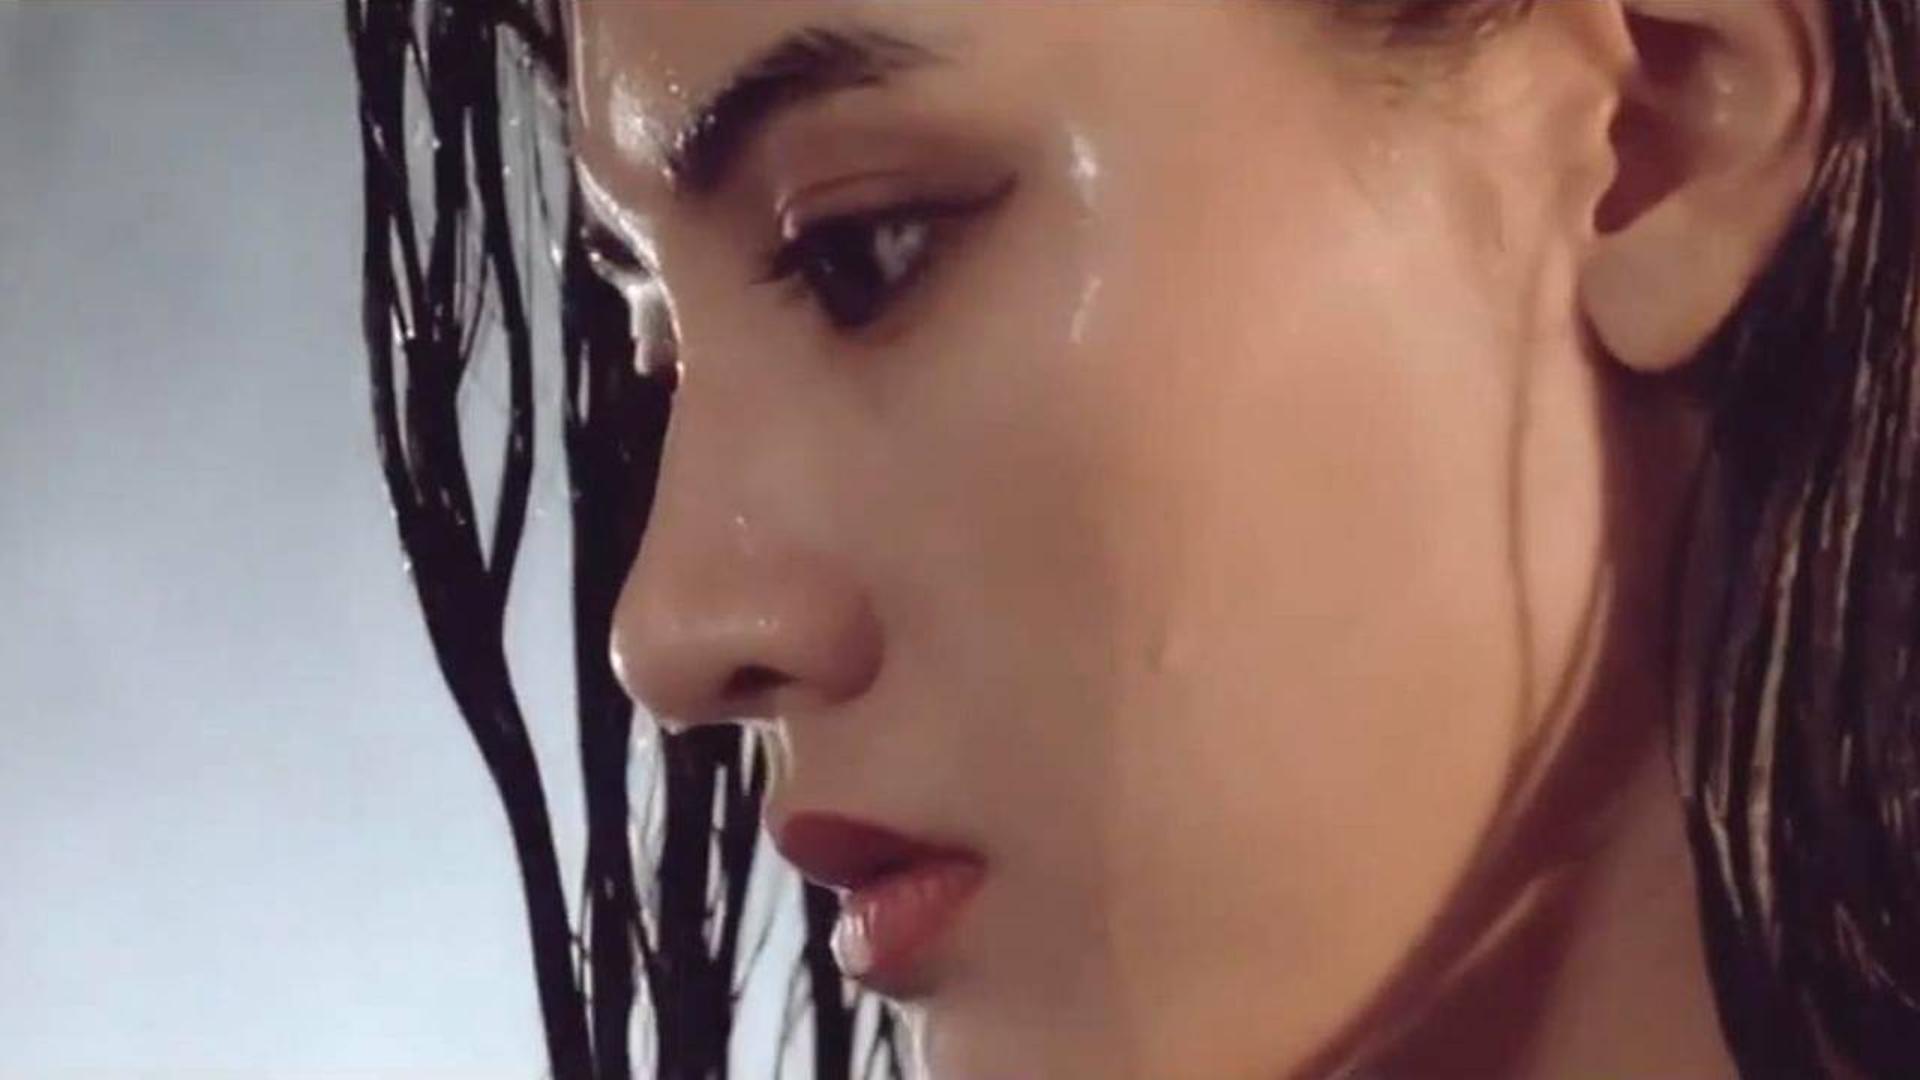 邓丽君演唱的《漫步人生路》,声音甜美温婉动人,实在太好听了!